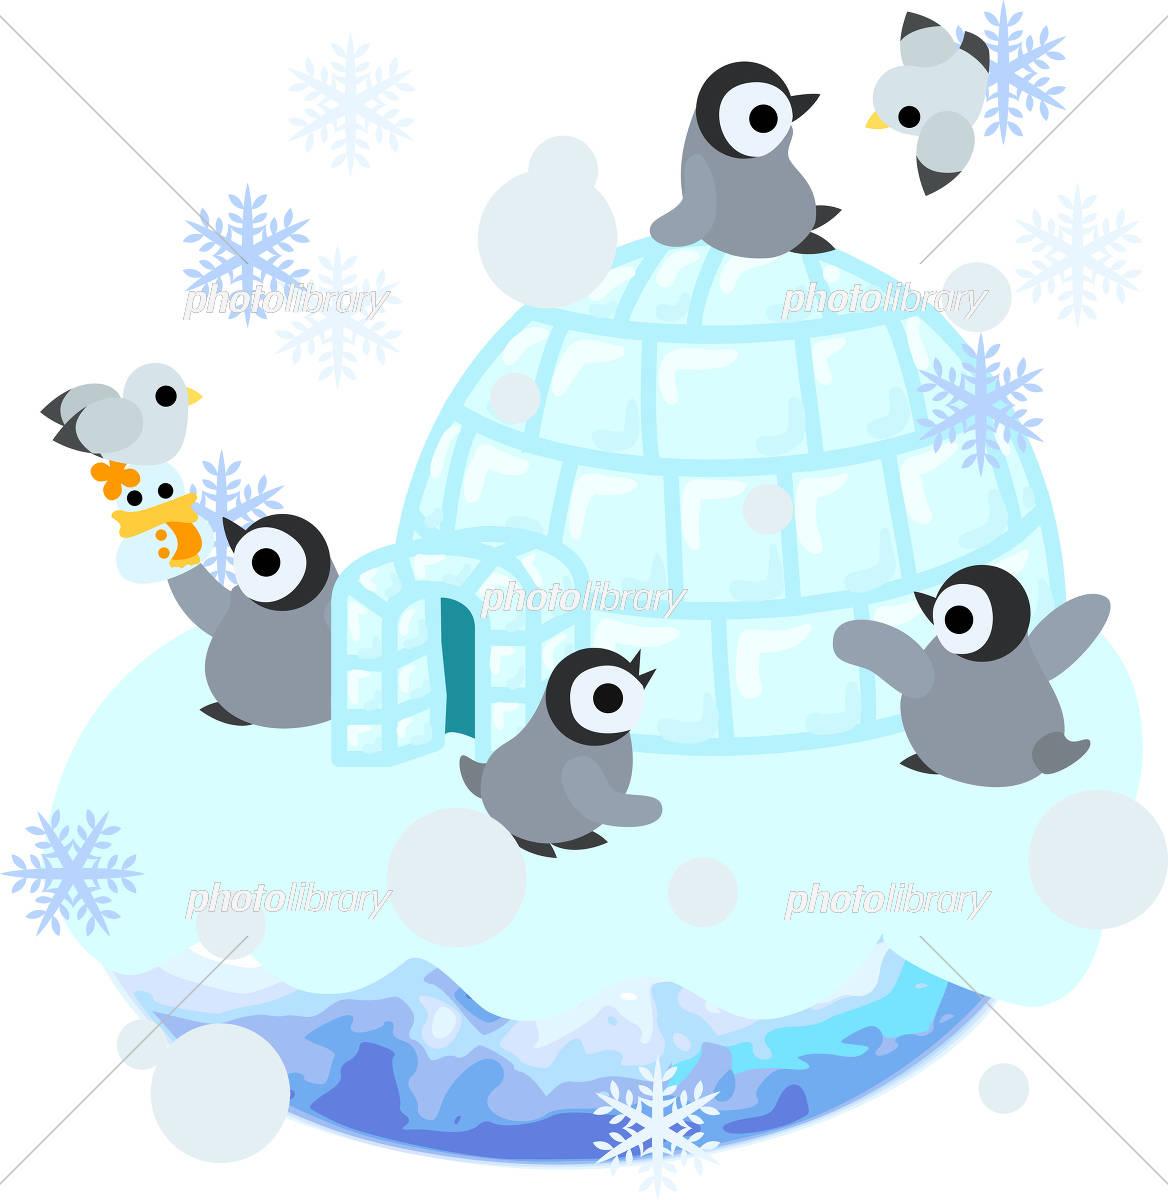 可愛い赤ちゃんペンギンのイラスト イラスト素材 4585611 フォト